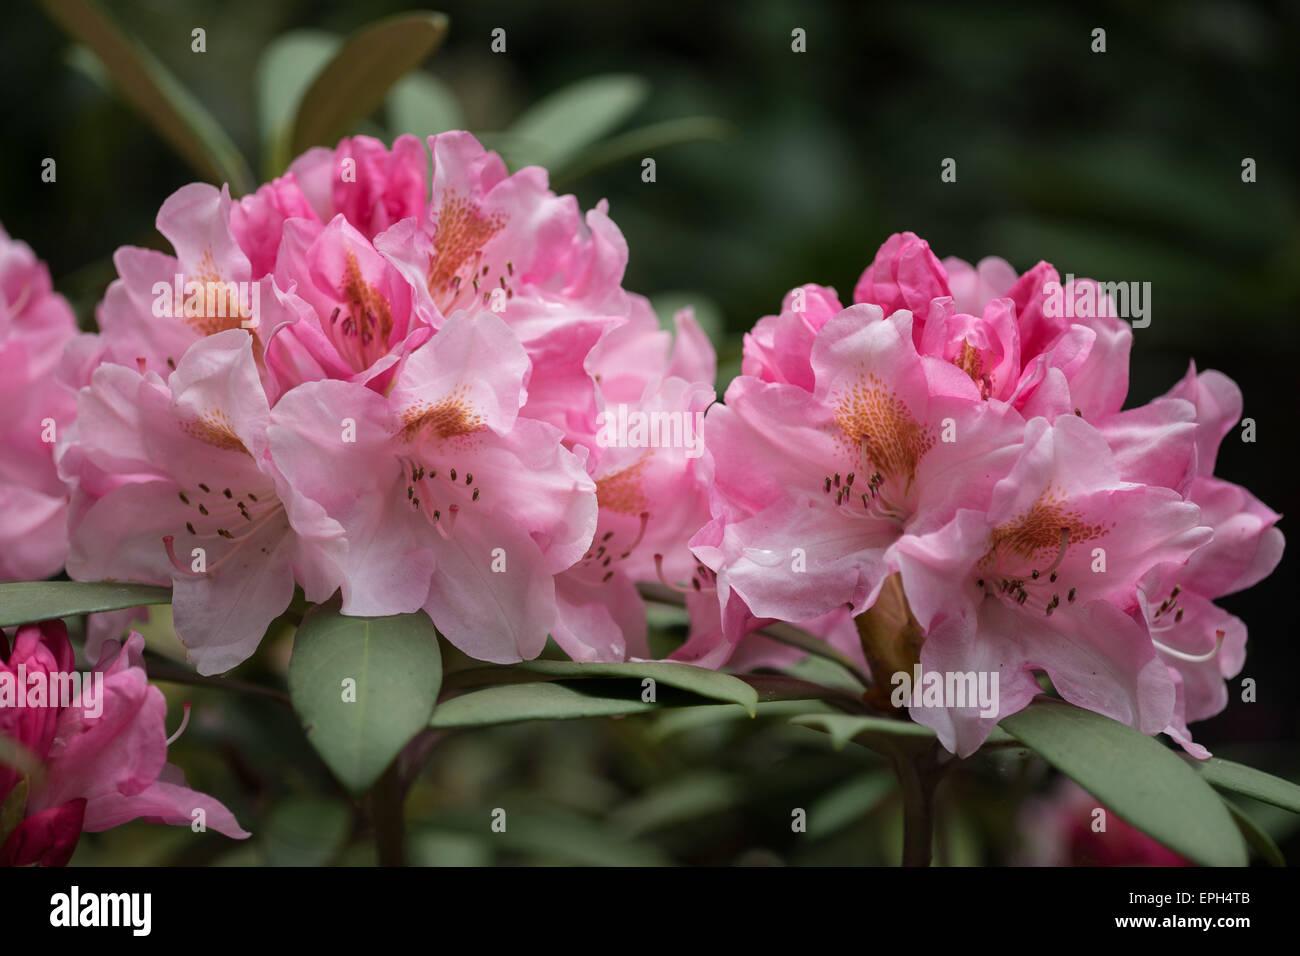 Rhododendron schivo rosa fiori ricchi Immagini Stock